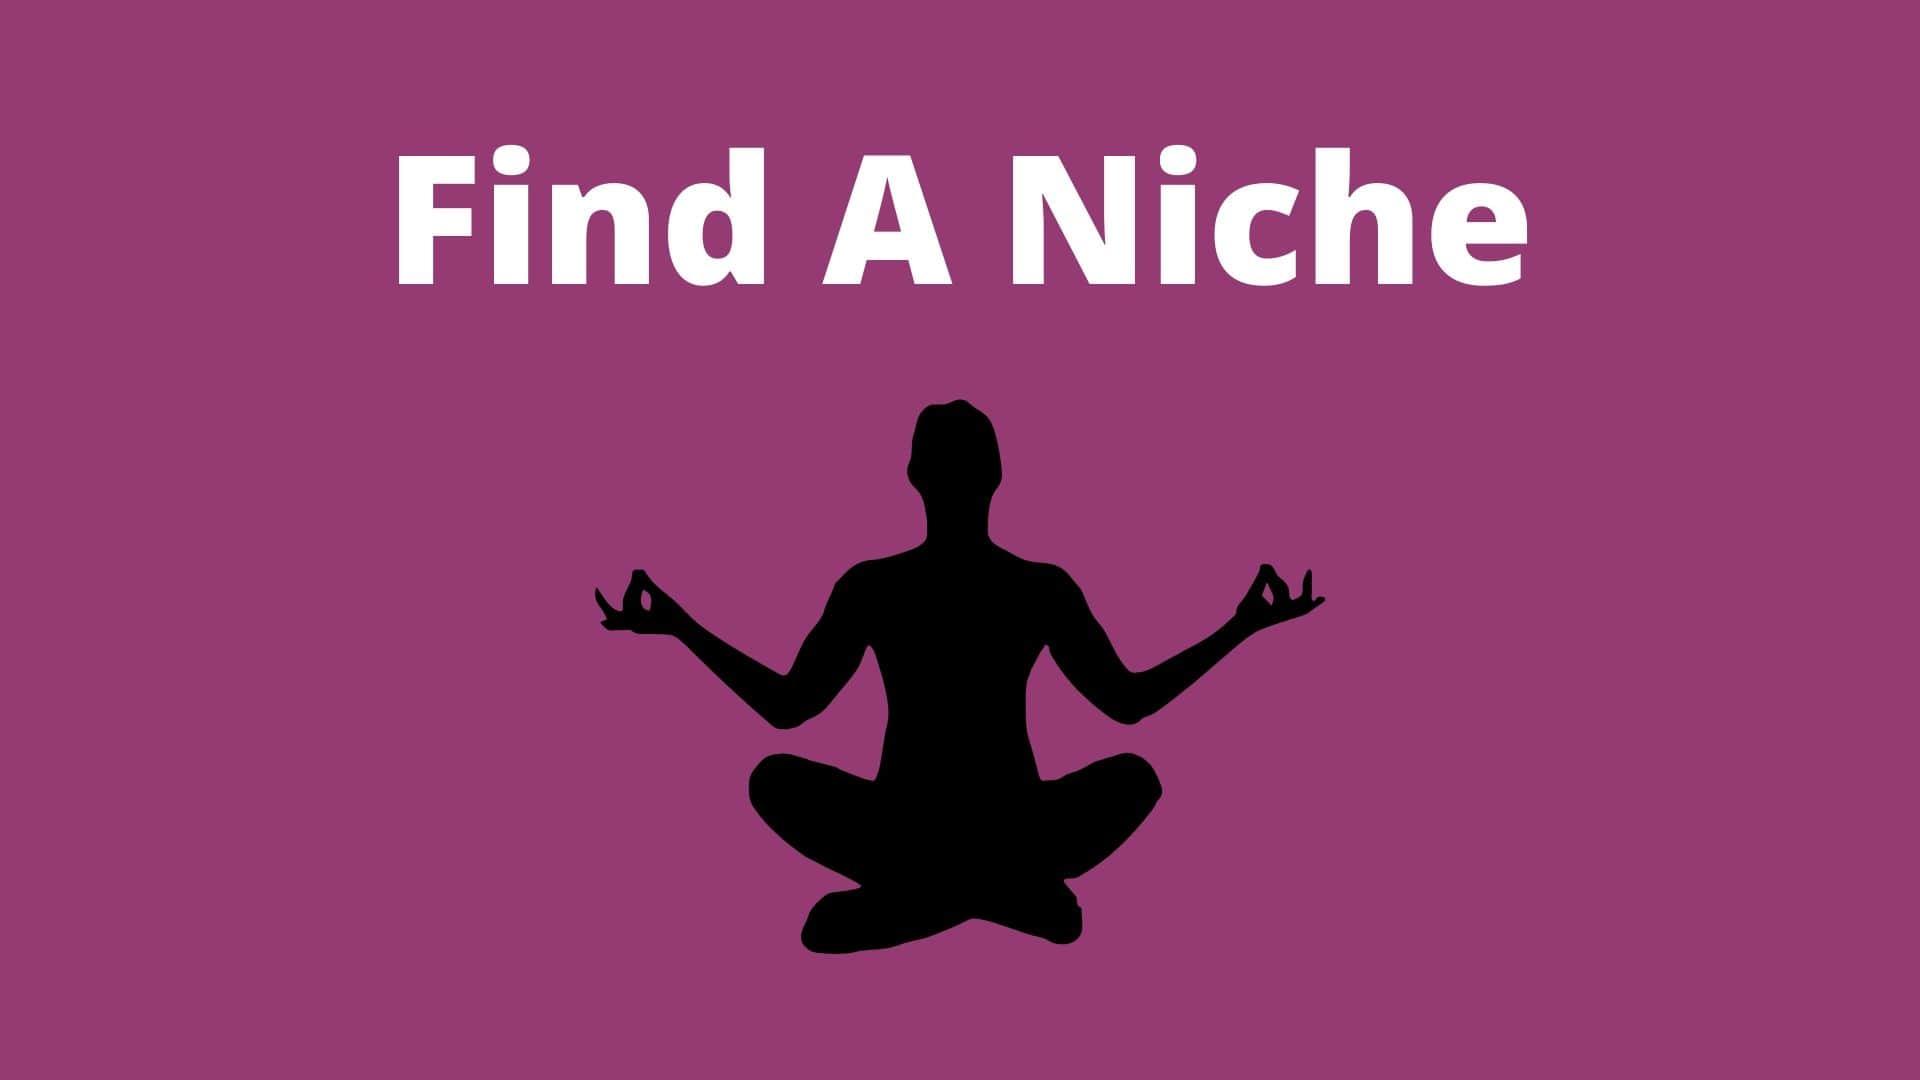 Yoga Teacher - Find A Niche